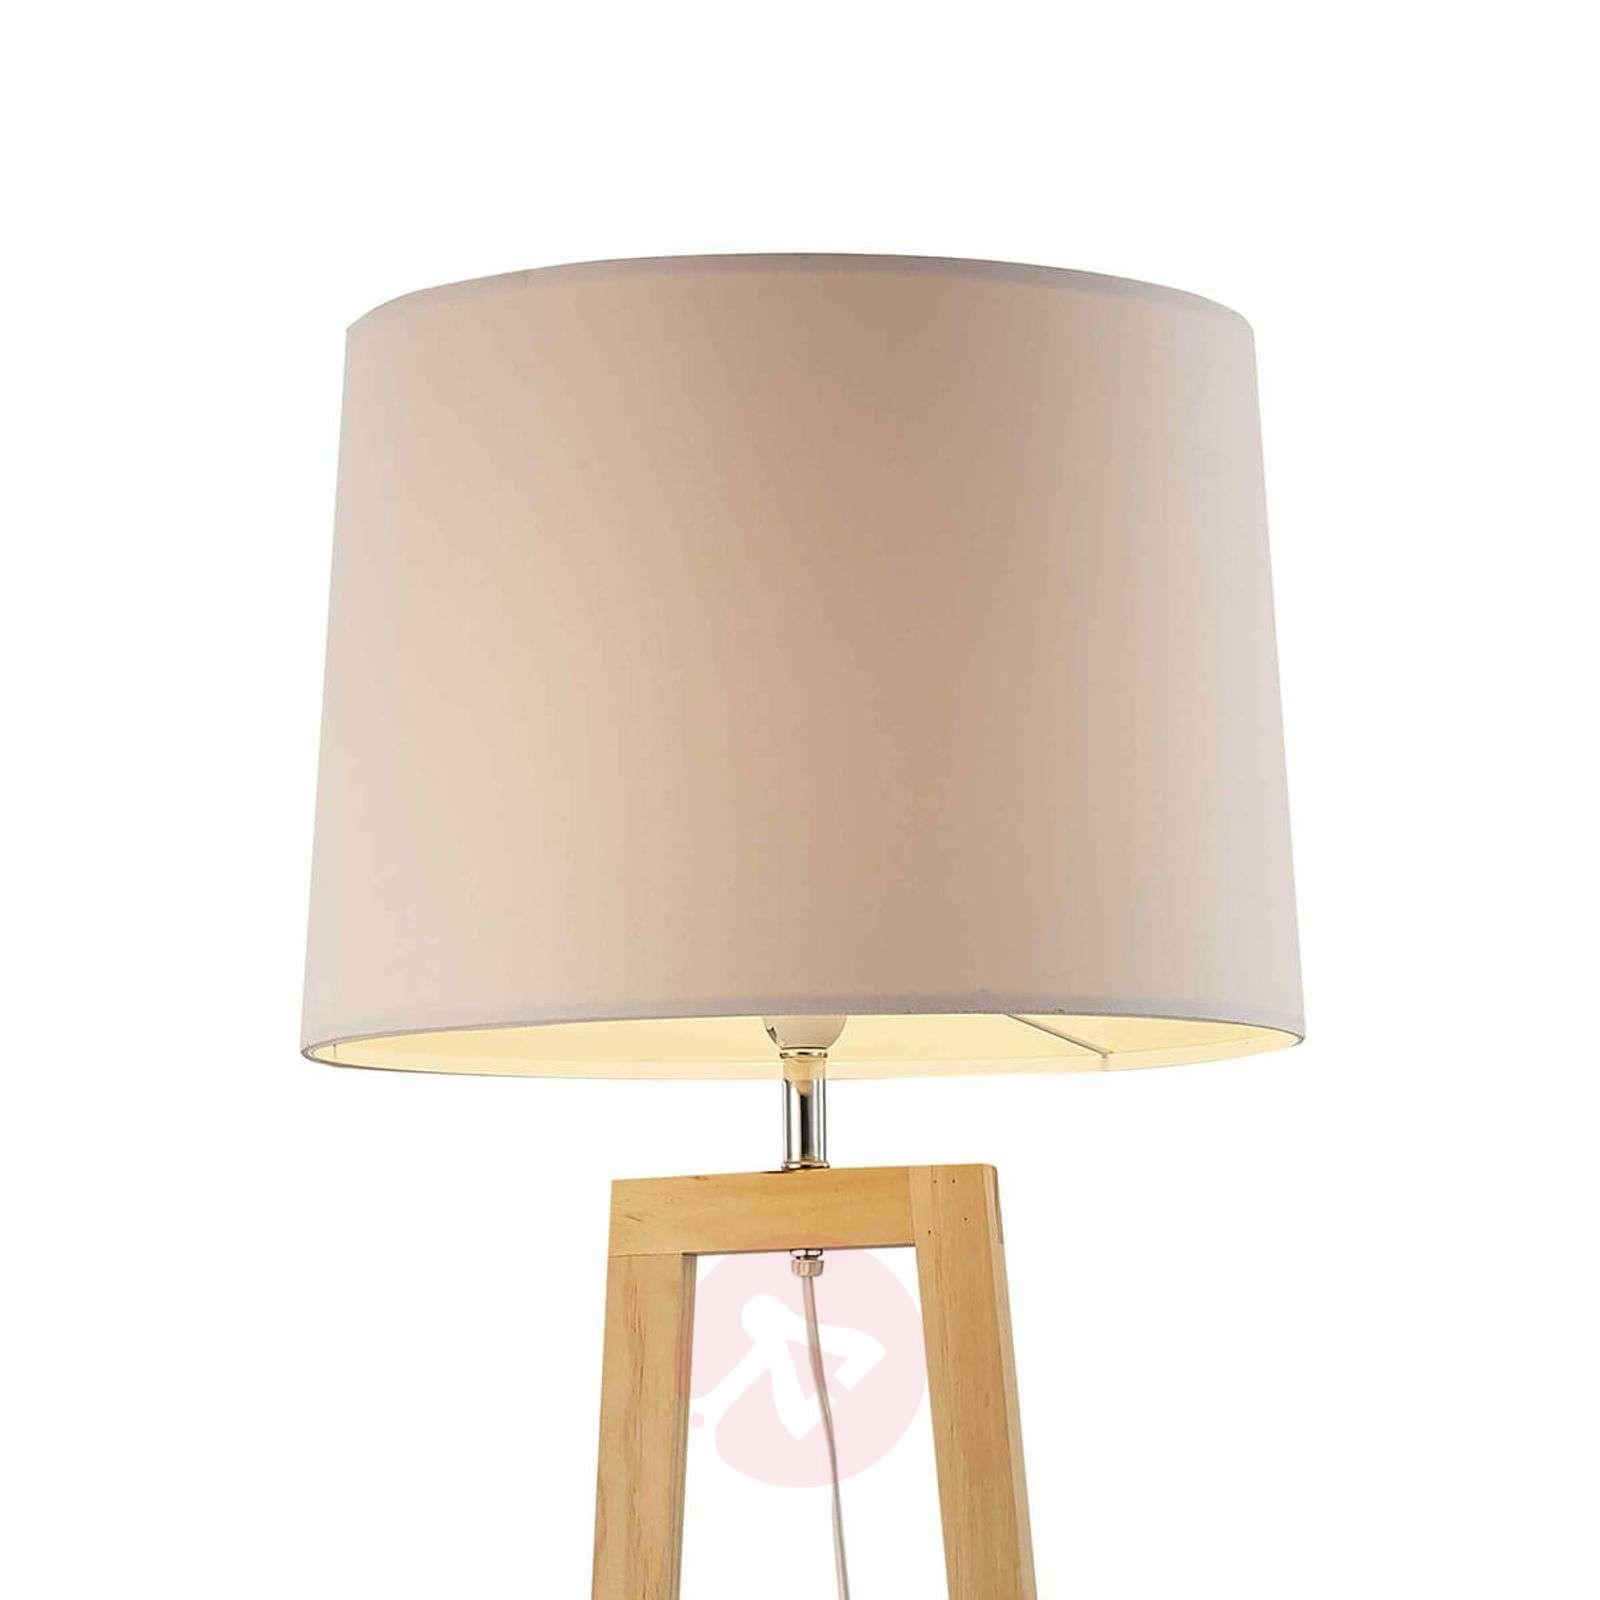 Moderni Bray-lattiavalaisin vaaleaa tammea-7007641-01